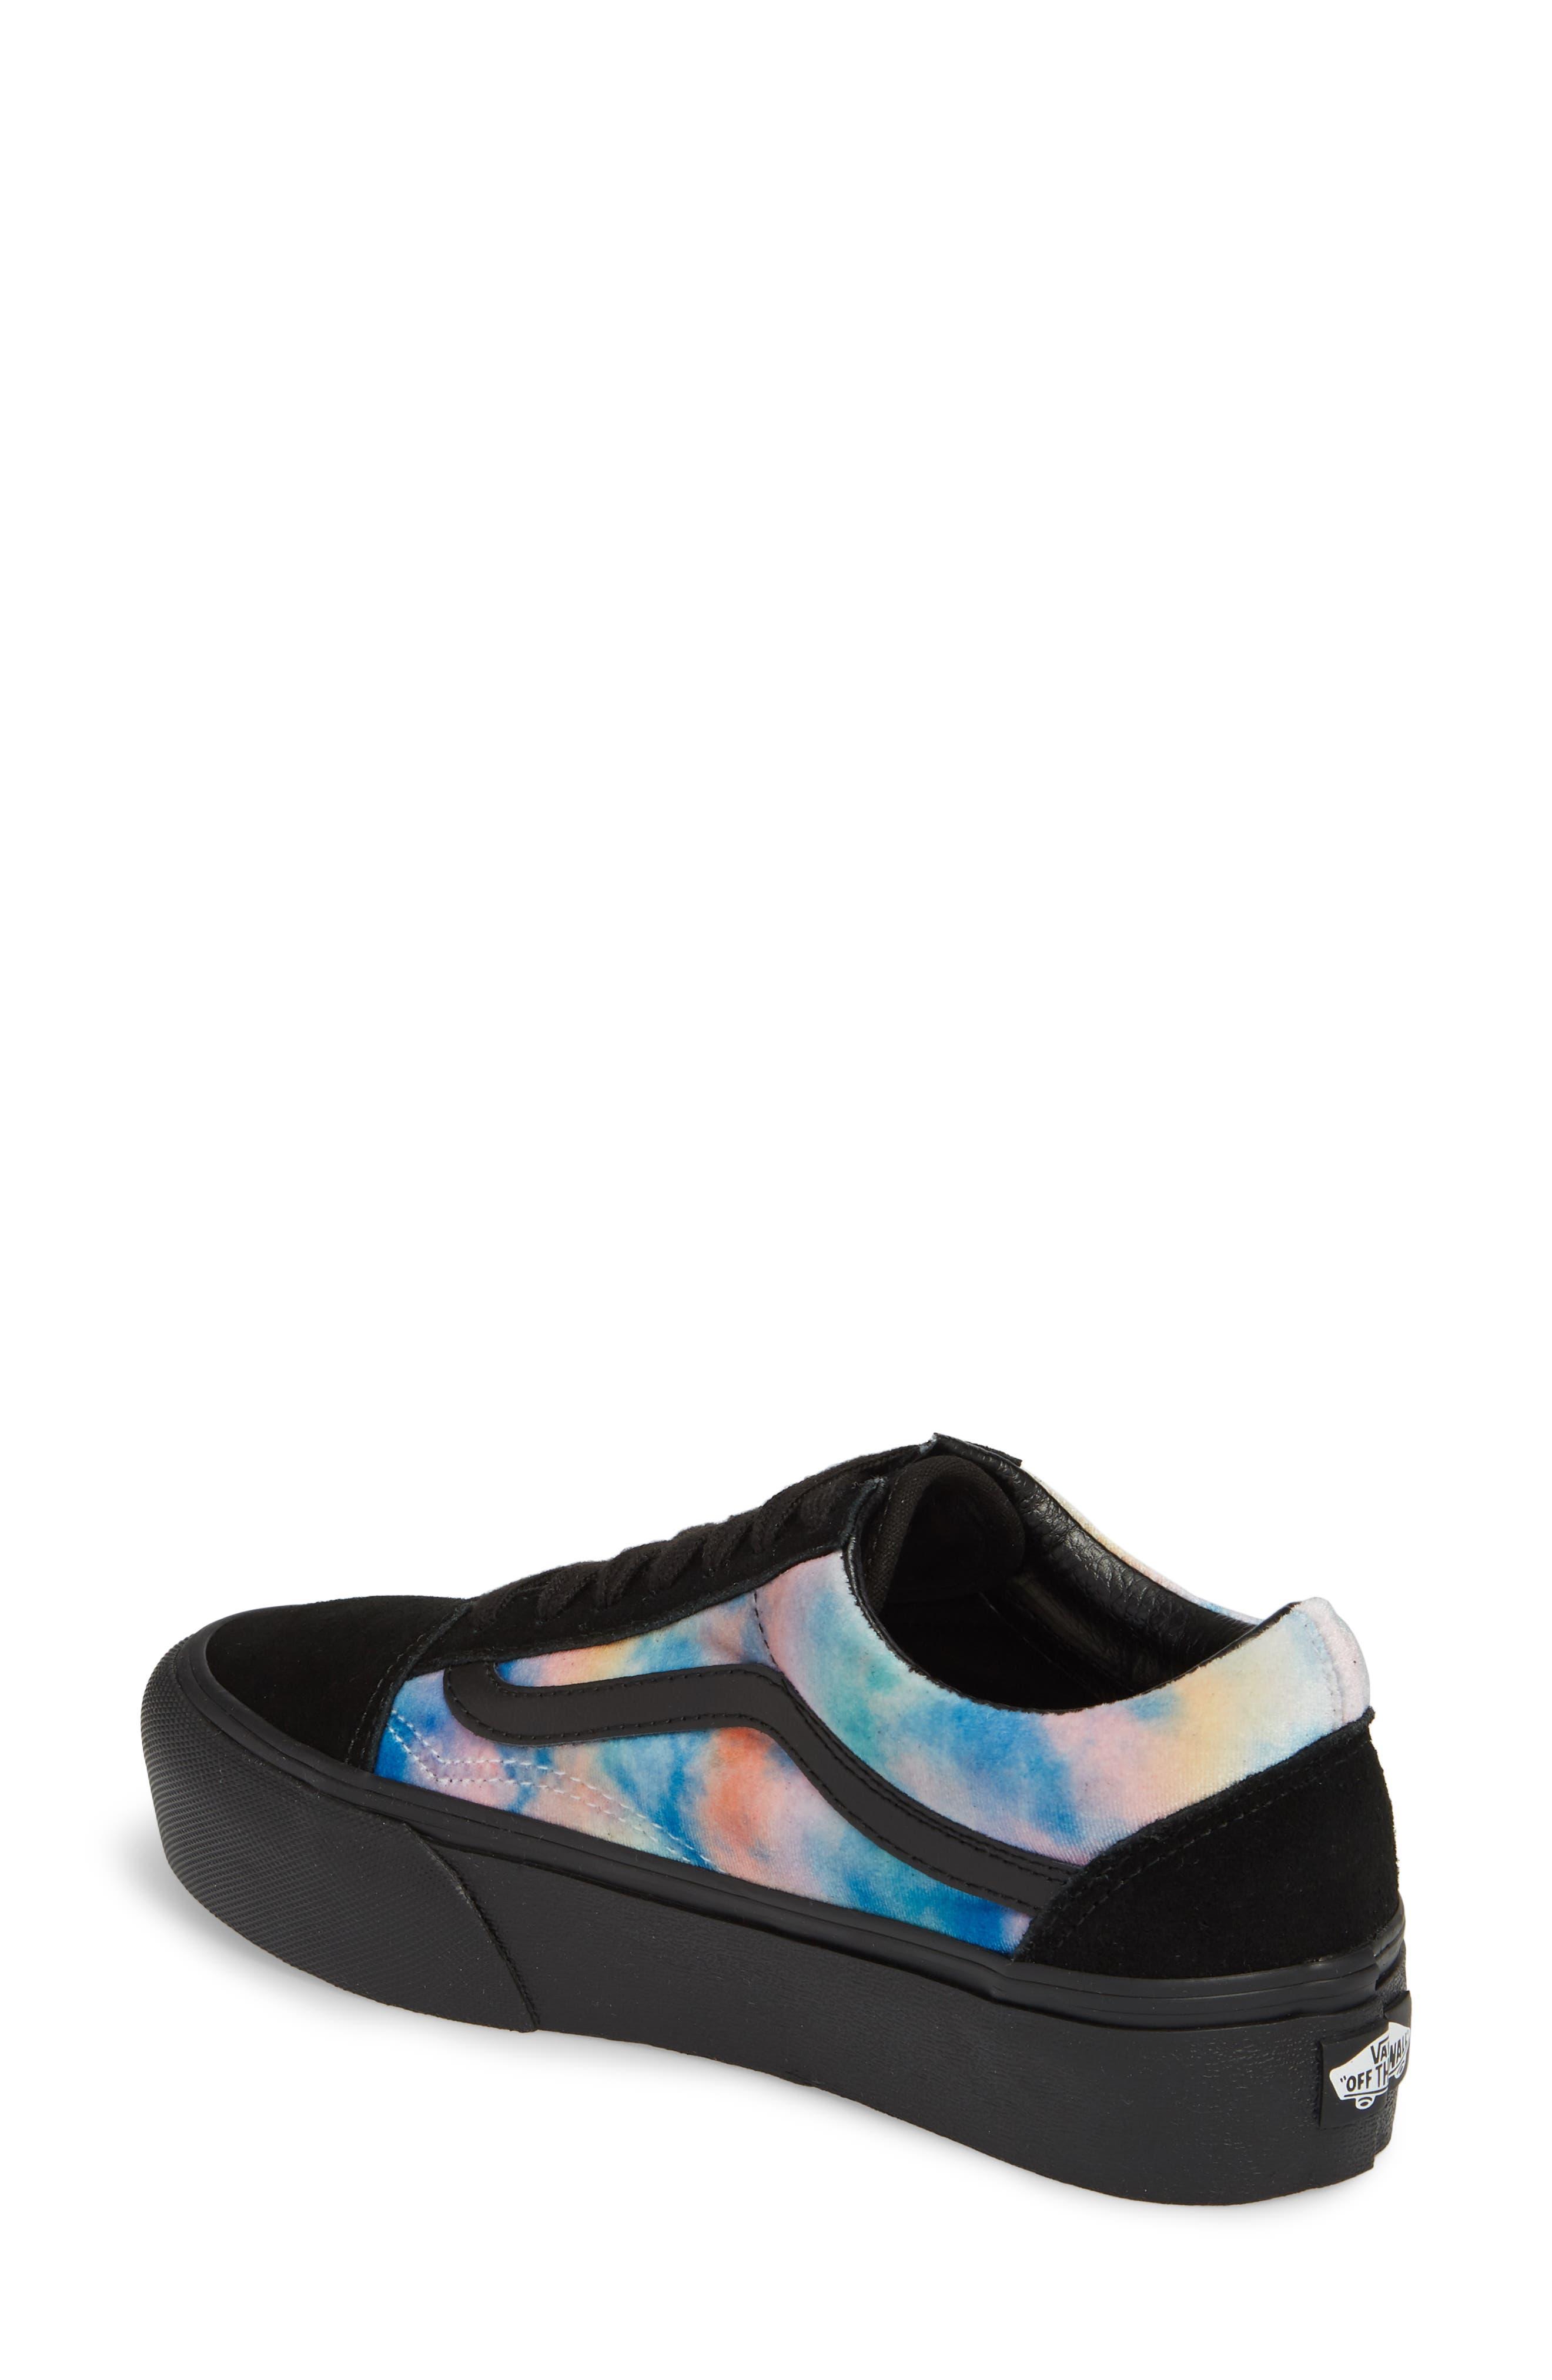 Old Skool Platform Sneaker,                             Alternate thumbnail 2, color,                             Velvet Tie-Dye Multi/ Black